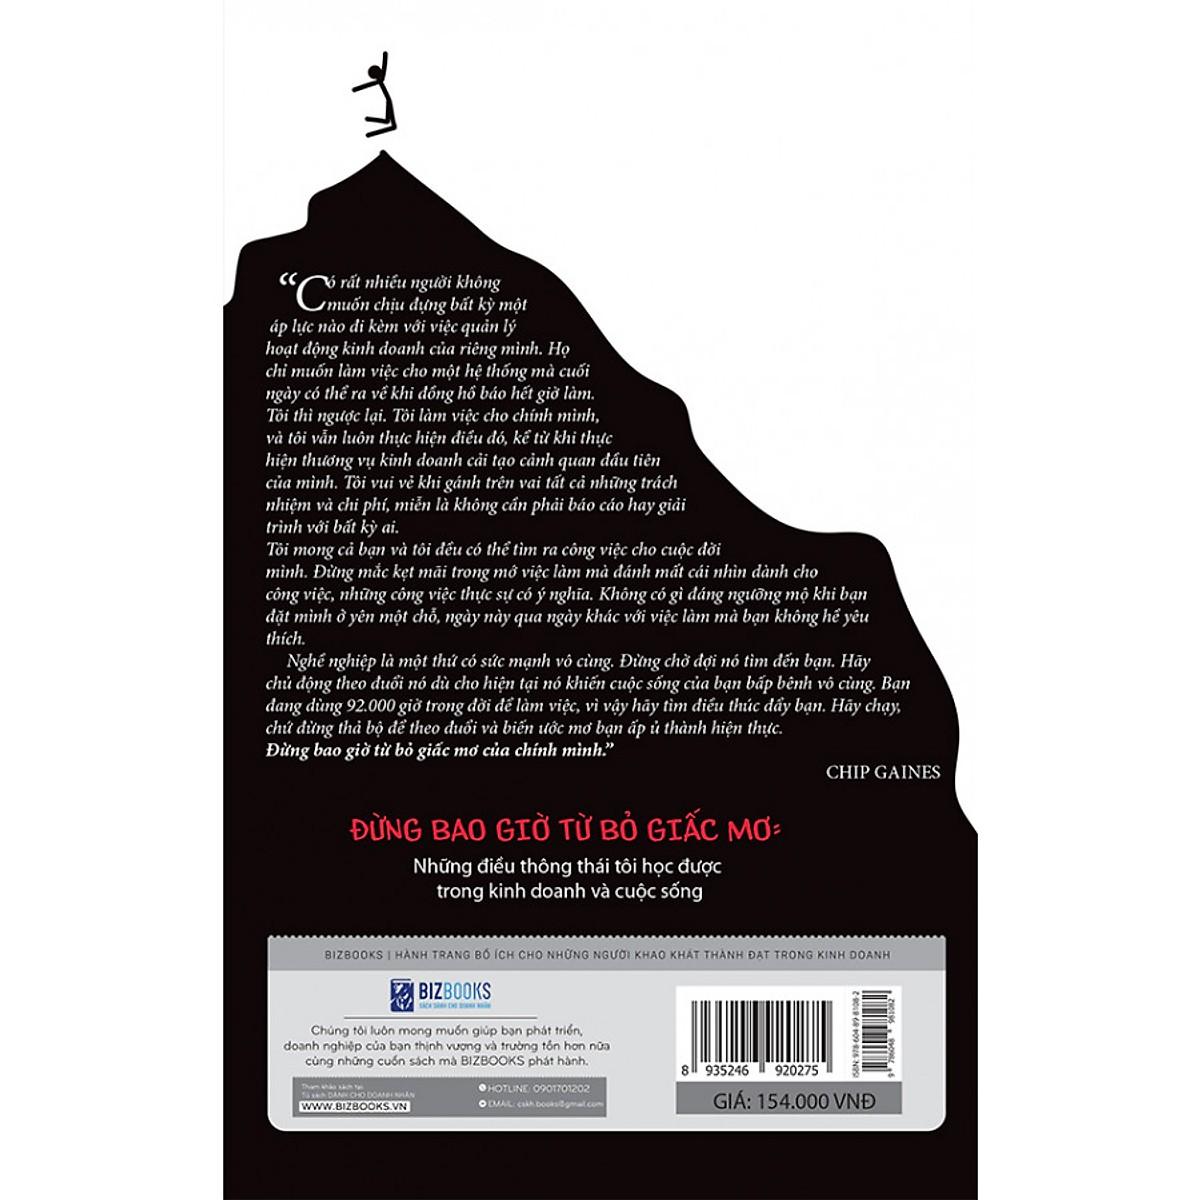 """Combo bộ sách biến ước mơ thành hiện thực:Sống Để Yêu Thương +Nỗ Lực Không Ngừng - Từ Tốt Đến Vĩ Đại Đến Không Thể Bị Đánh Bại+Dám thất bại – Những nỗ lực """"không thành công"""" của bạn đáng giá bao nhiêu? + Mơ Ước Lớn – Thì Đừng Hành Động Như Người Tầm Thường + Vì Ước Mơ Ngại Gì Dốc Cạn Tâm Sức + Đừng bao giờ từ bỏ giấc mơTV"""